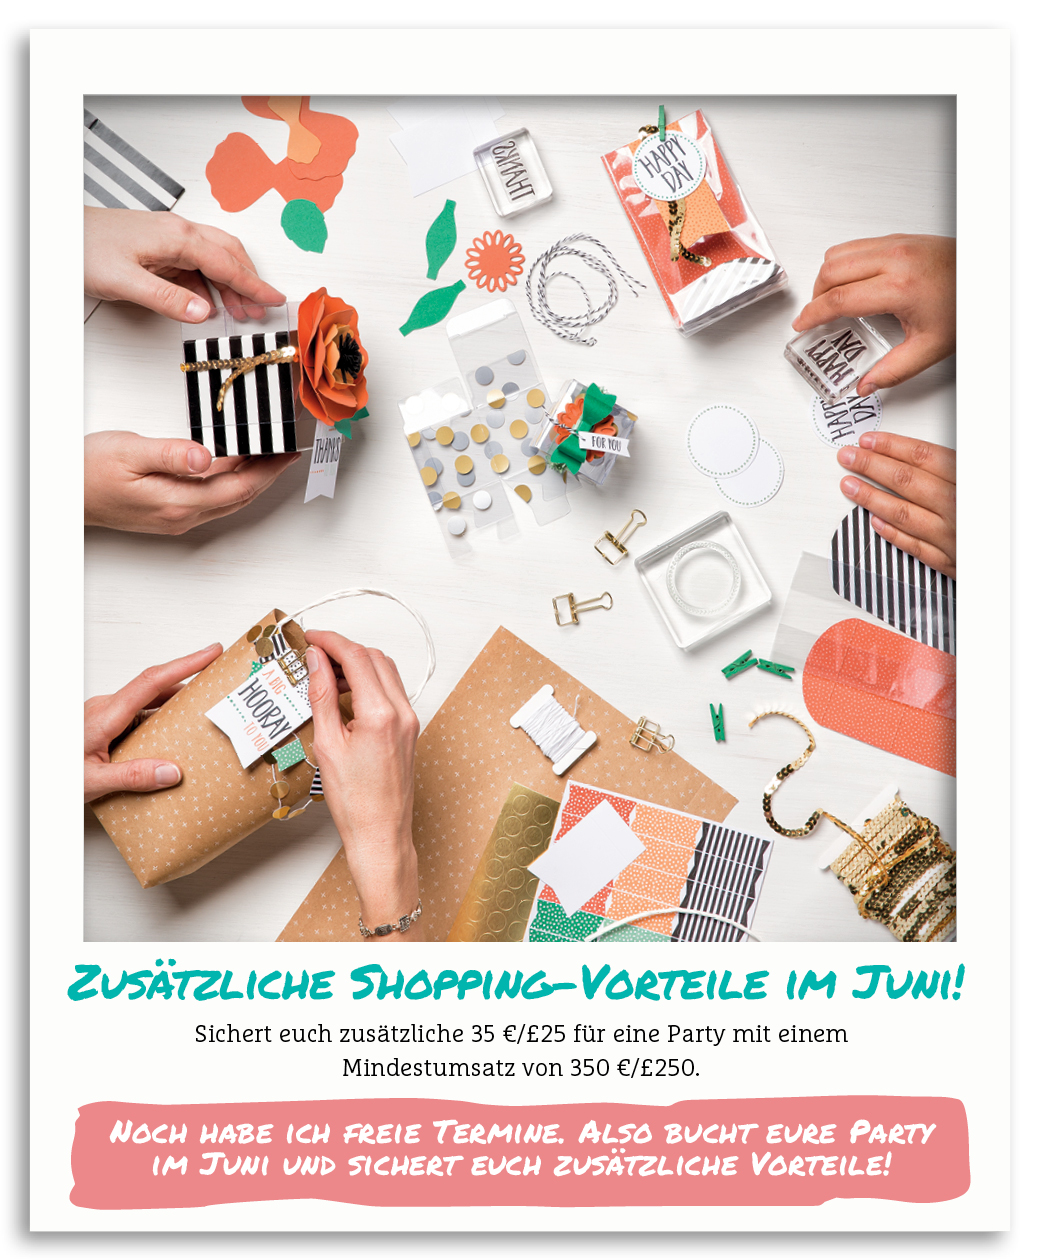 Zusätzliche Shoppingvorteile für Workshops im Juni